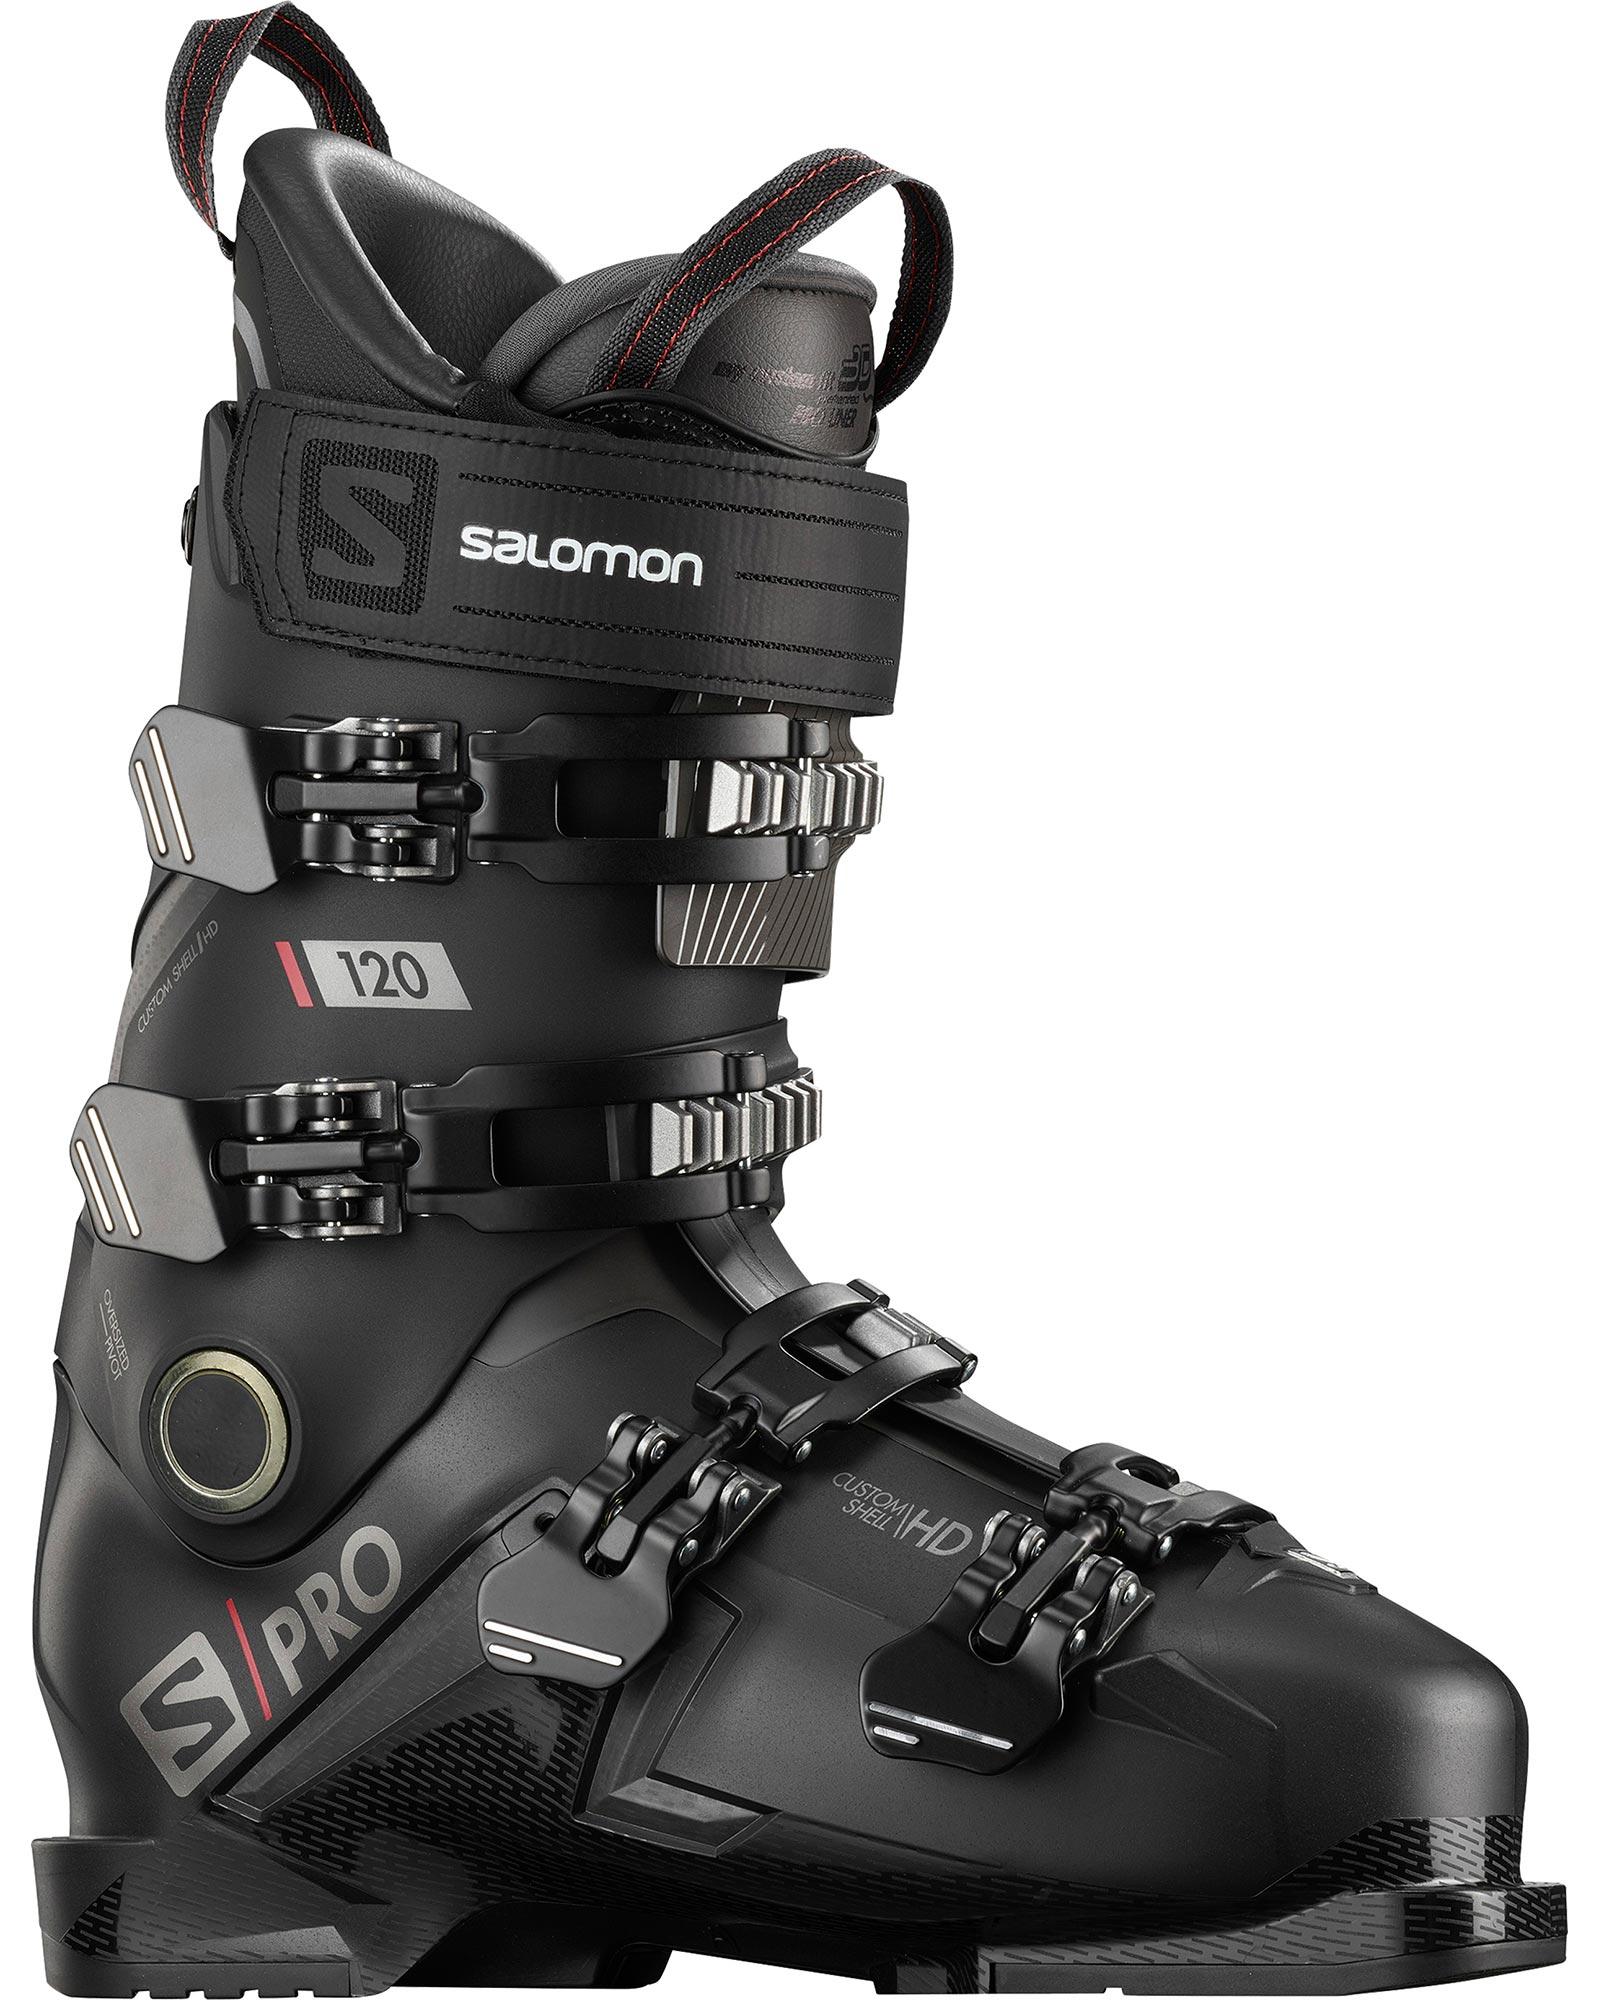 Salomon Men's S/Pro 120 Ski Boots 2020 / 2021 0